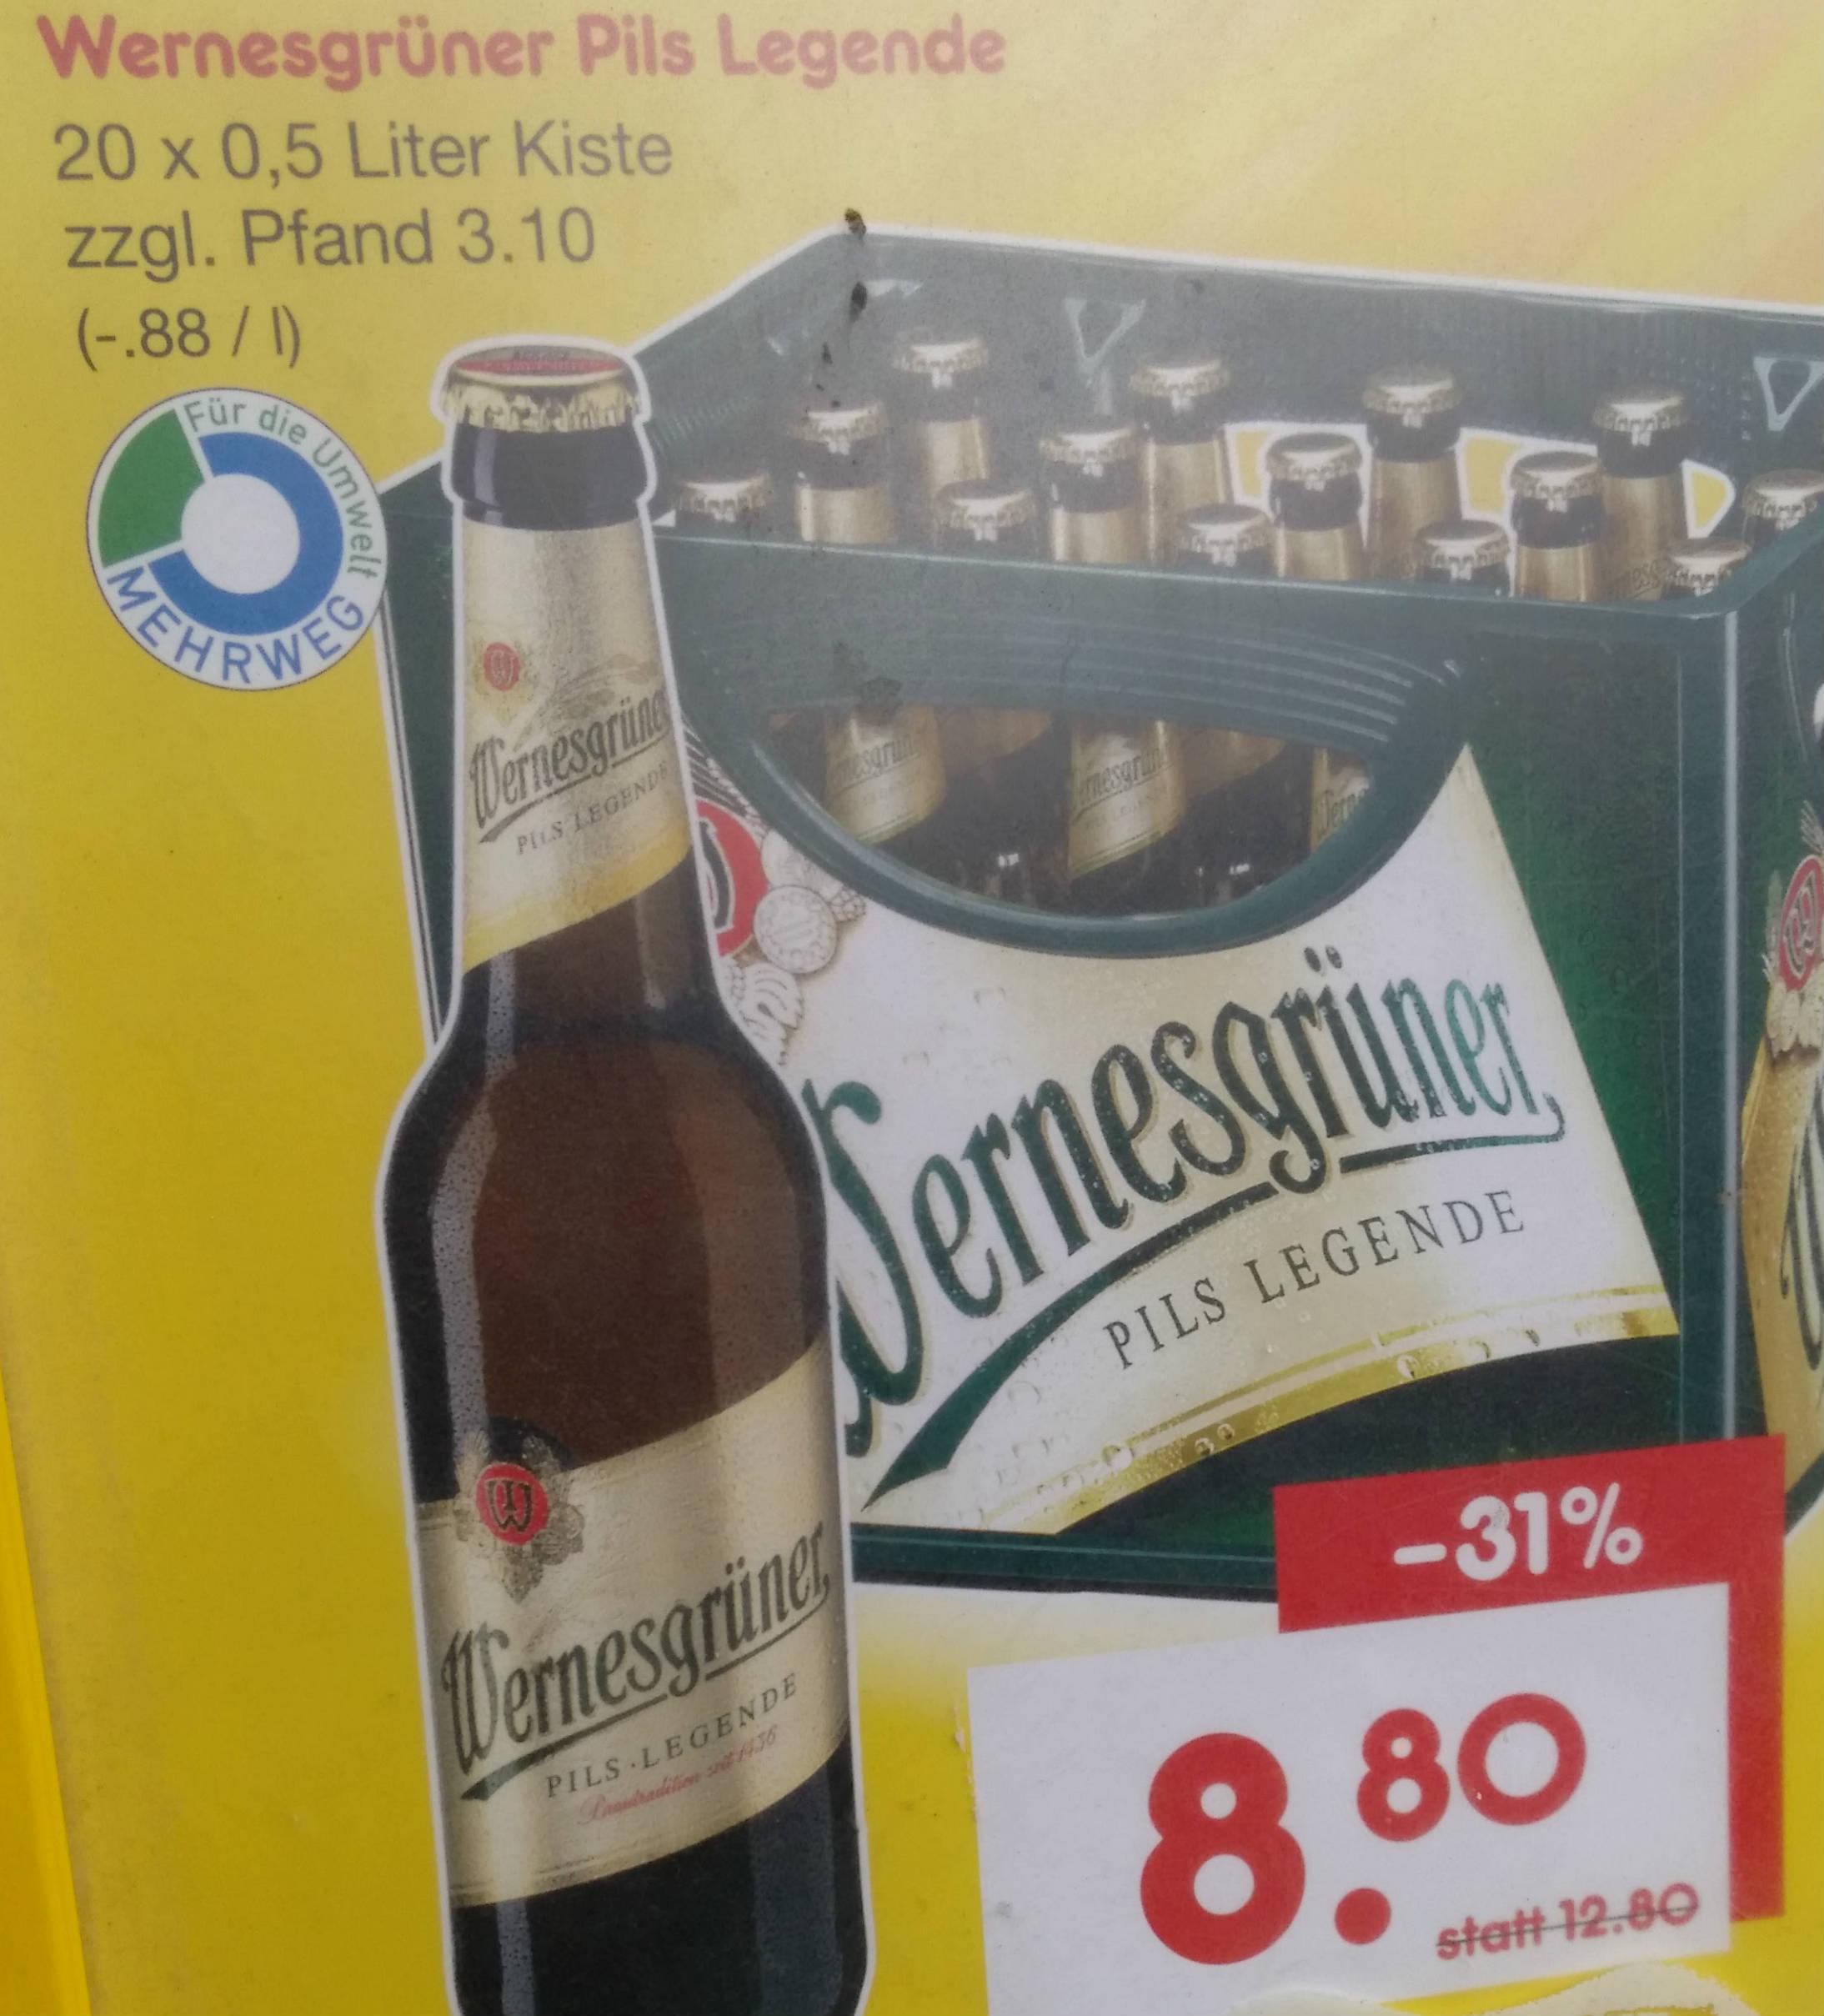 """[Netto MD, offline, Berlin] Wernesgrüner Bier -,44 je 0,5-Liter-Flasche zum """"Supersamstag"""" - evtl. auch Berliner Kindl"""